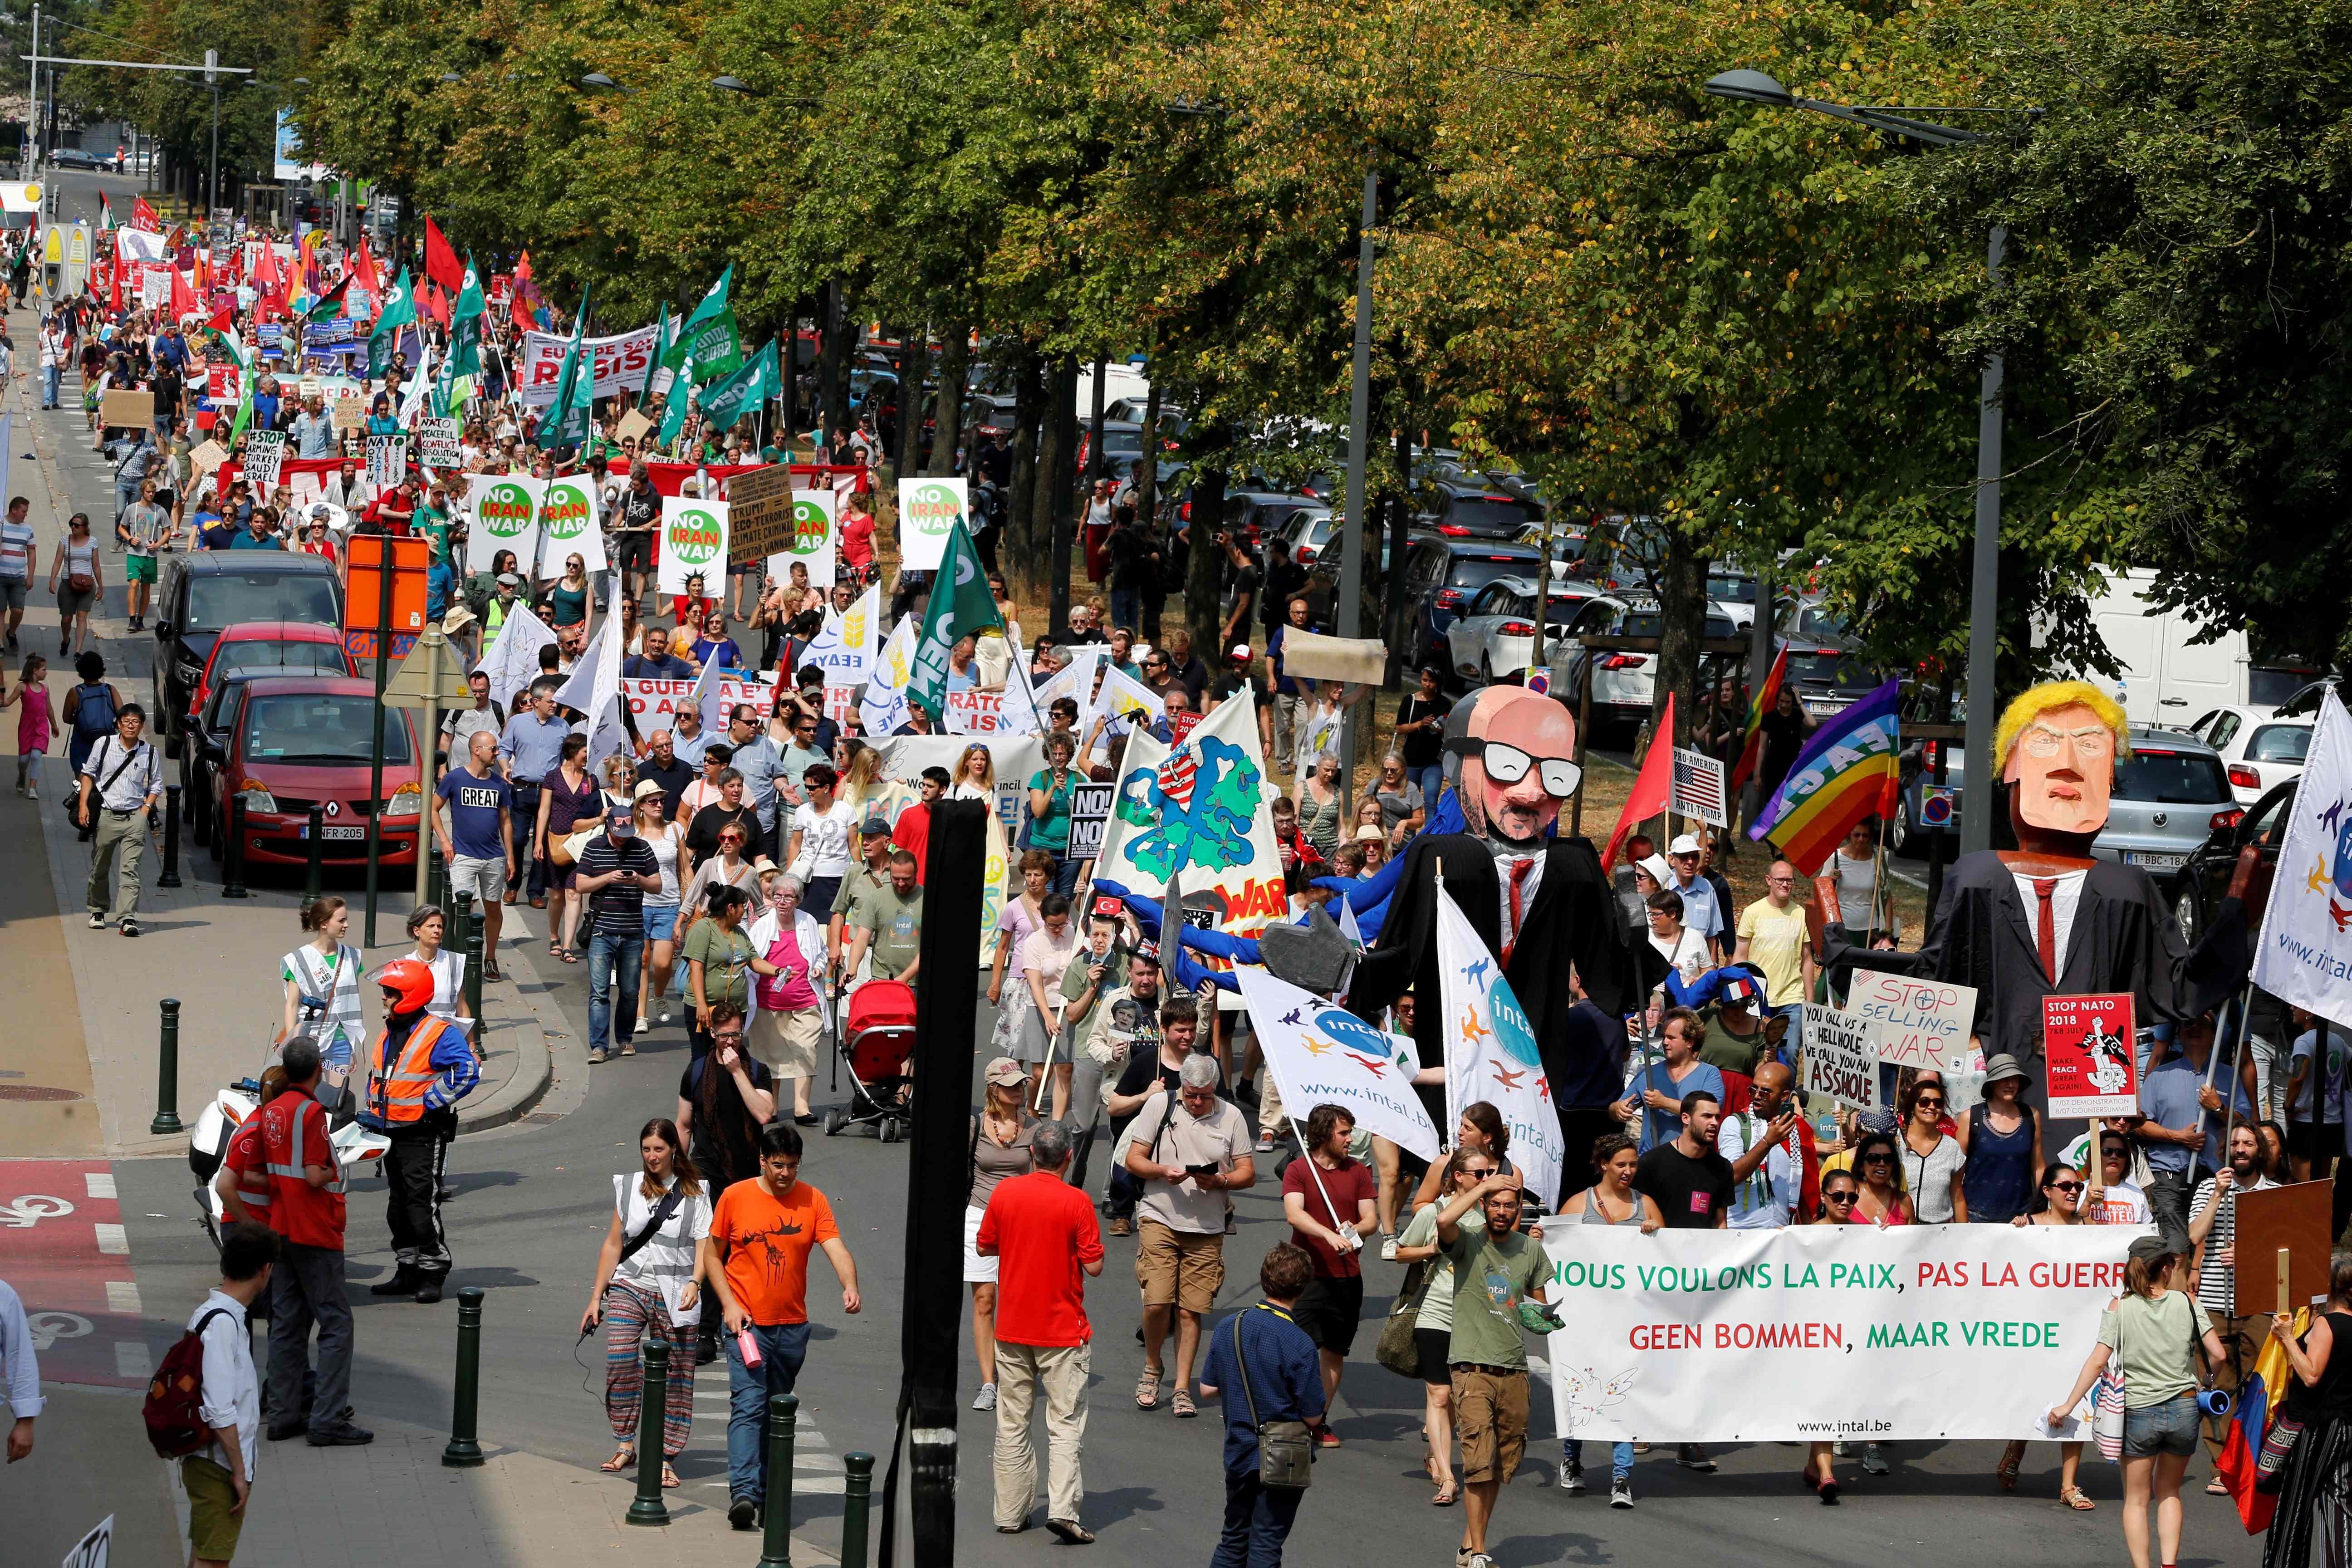 المسيرة فى بروكسل